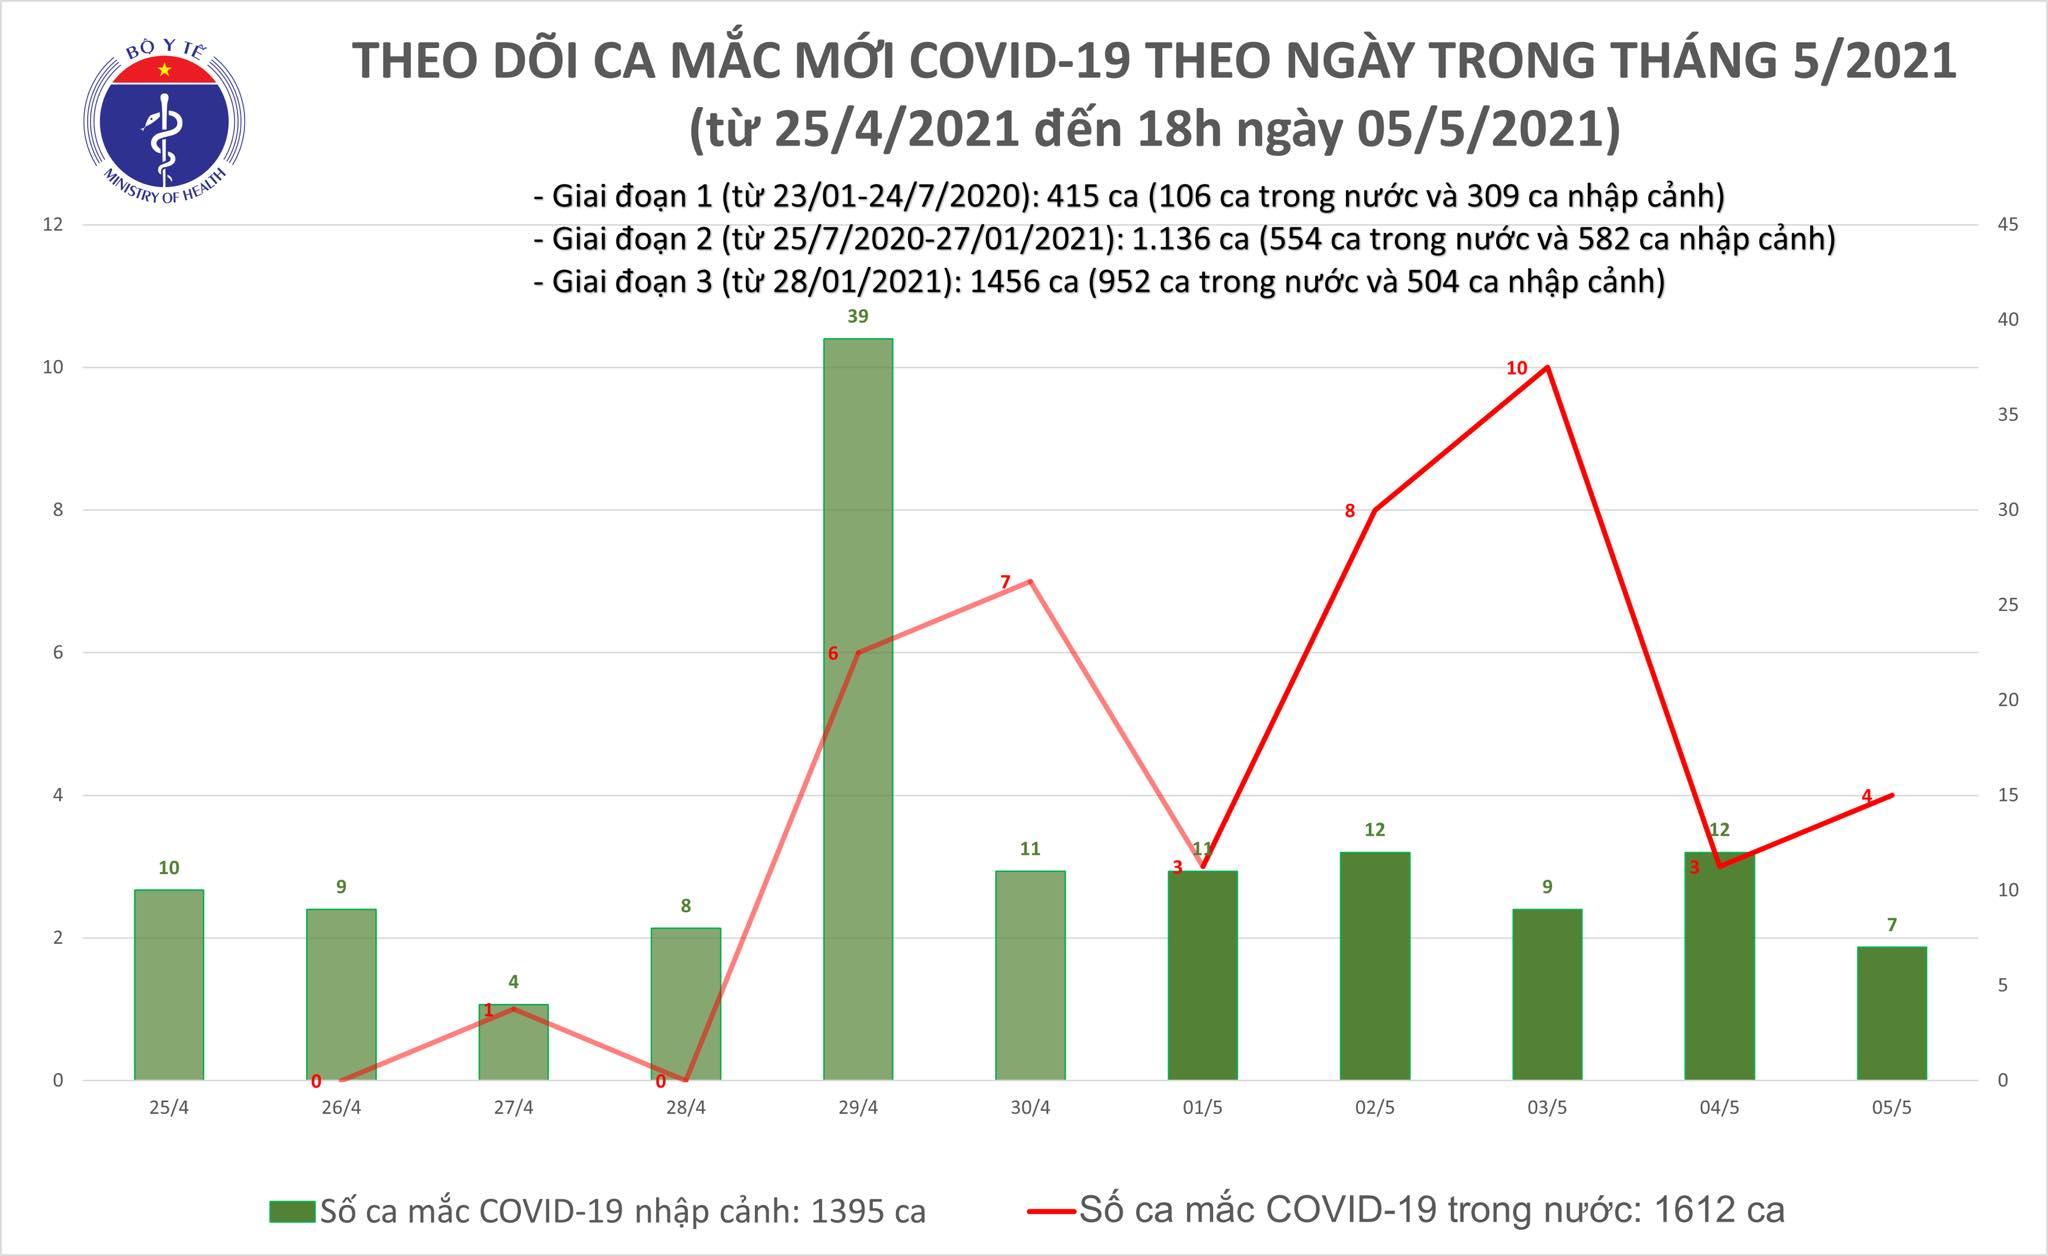 Chiều 5/5: Thêm 26 ca mắc COVID-19, có 18 ca ghi nhận trong nước-1